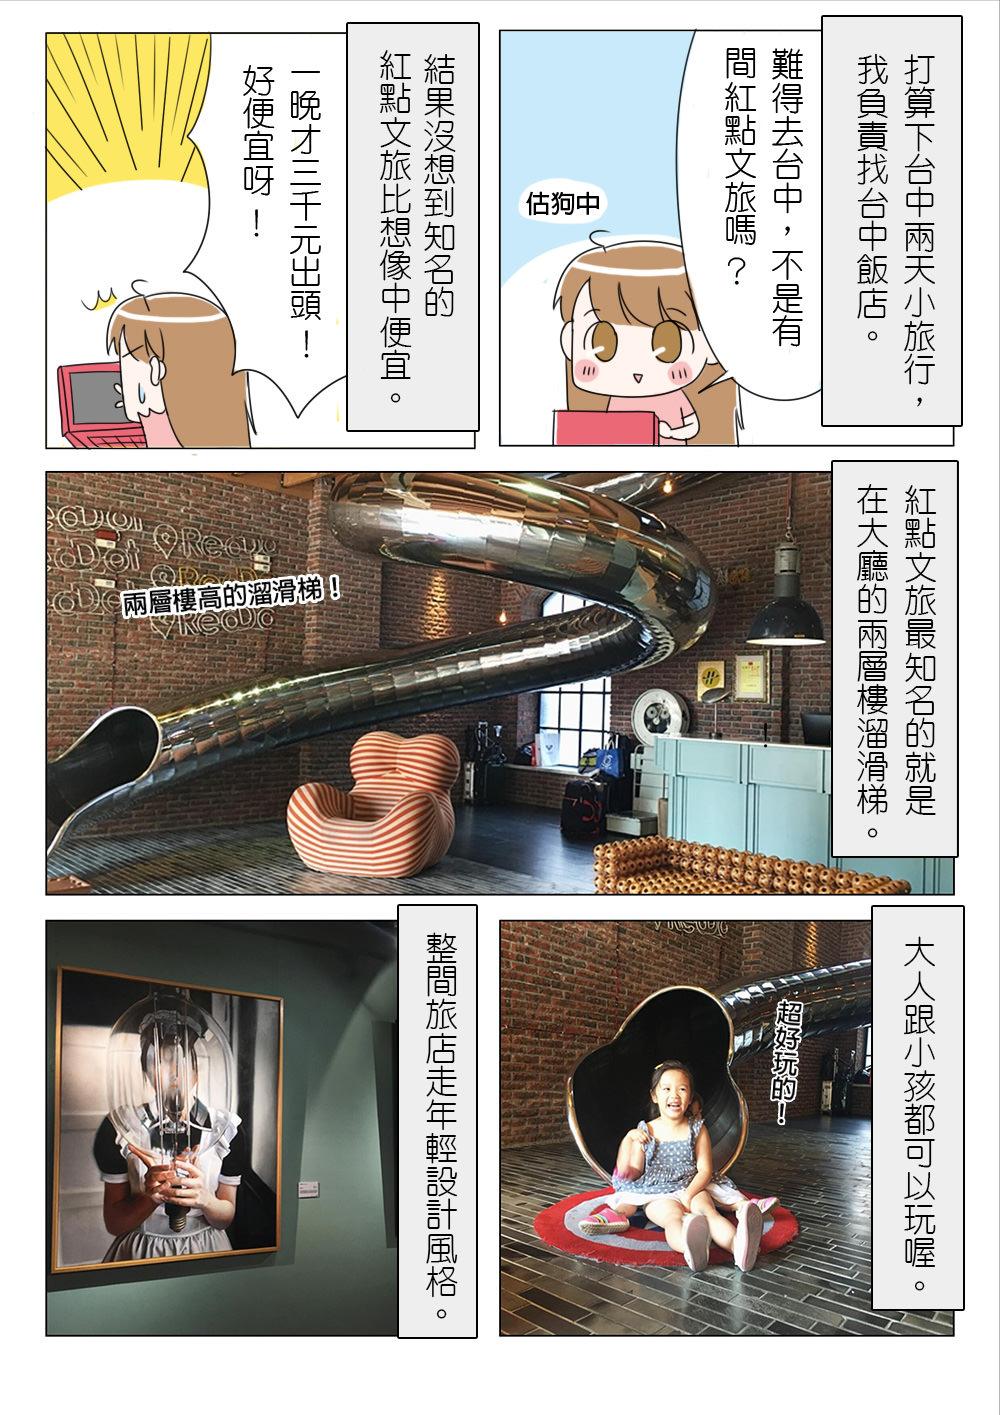 【漫畫旅記】台中 紅點文旅 住宿 推薦!溜滑梯 親子 飯店 、CP值高下次還會想來入住